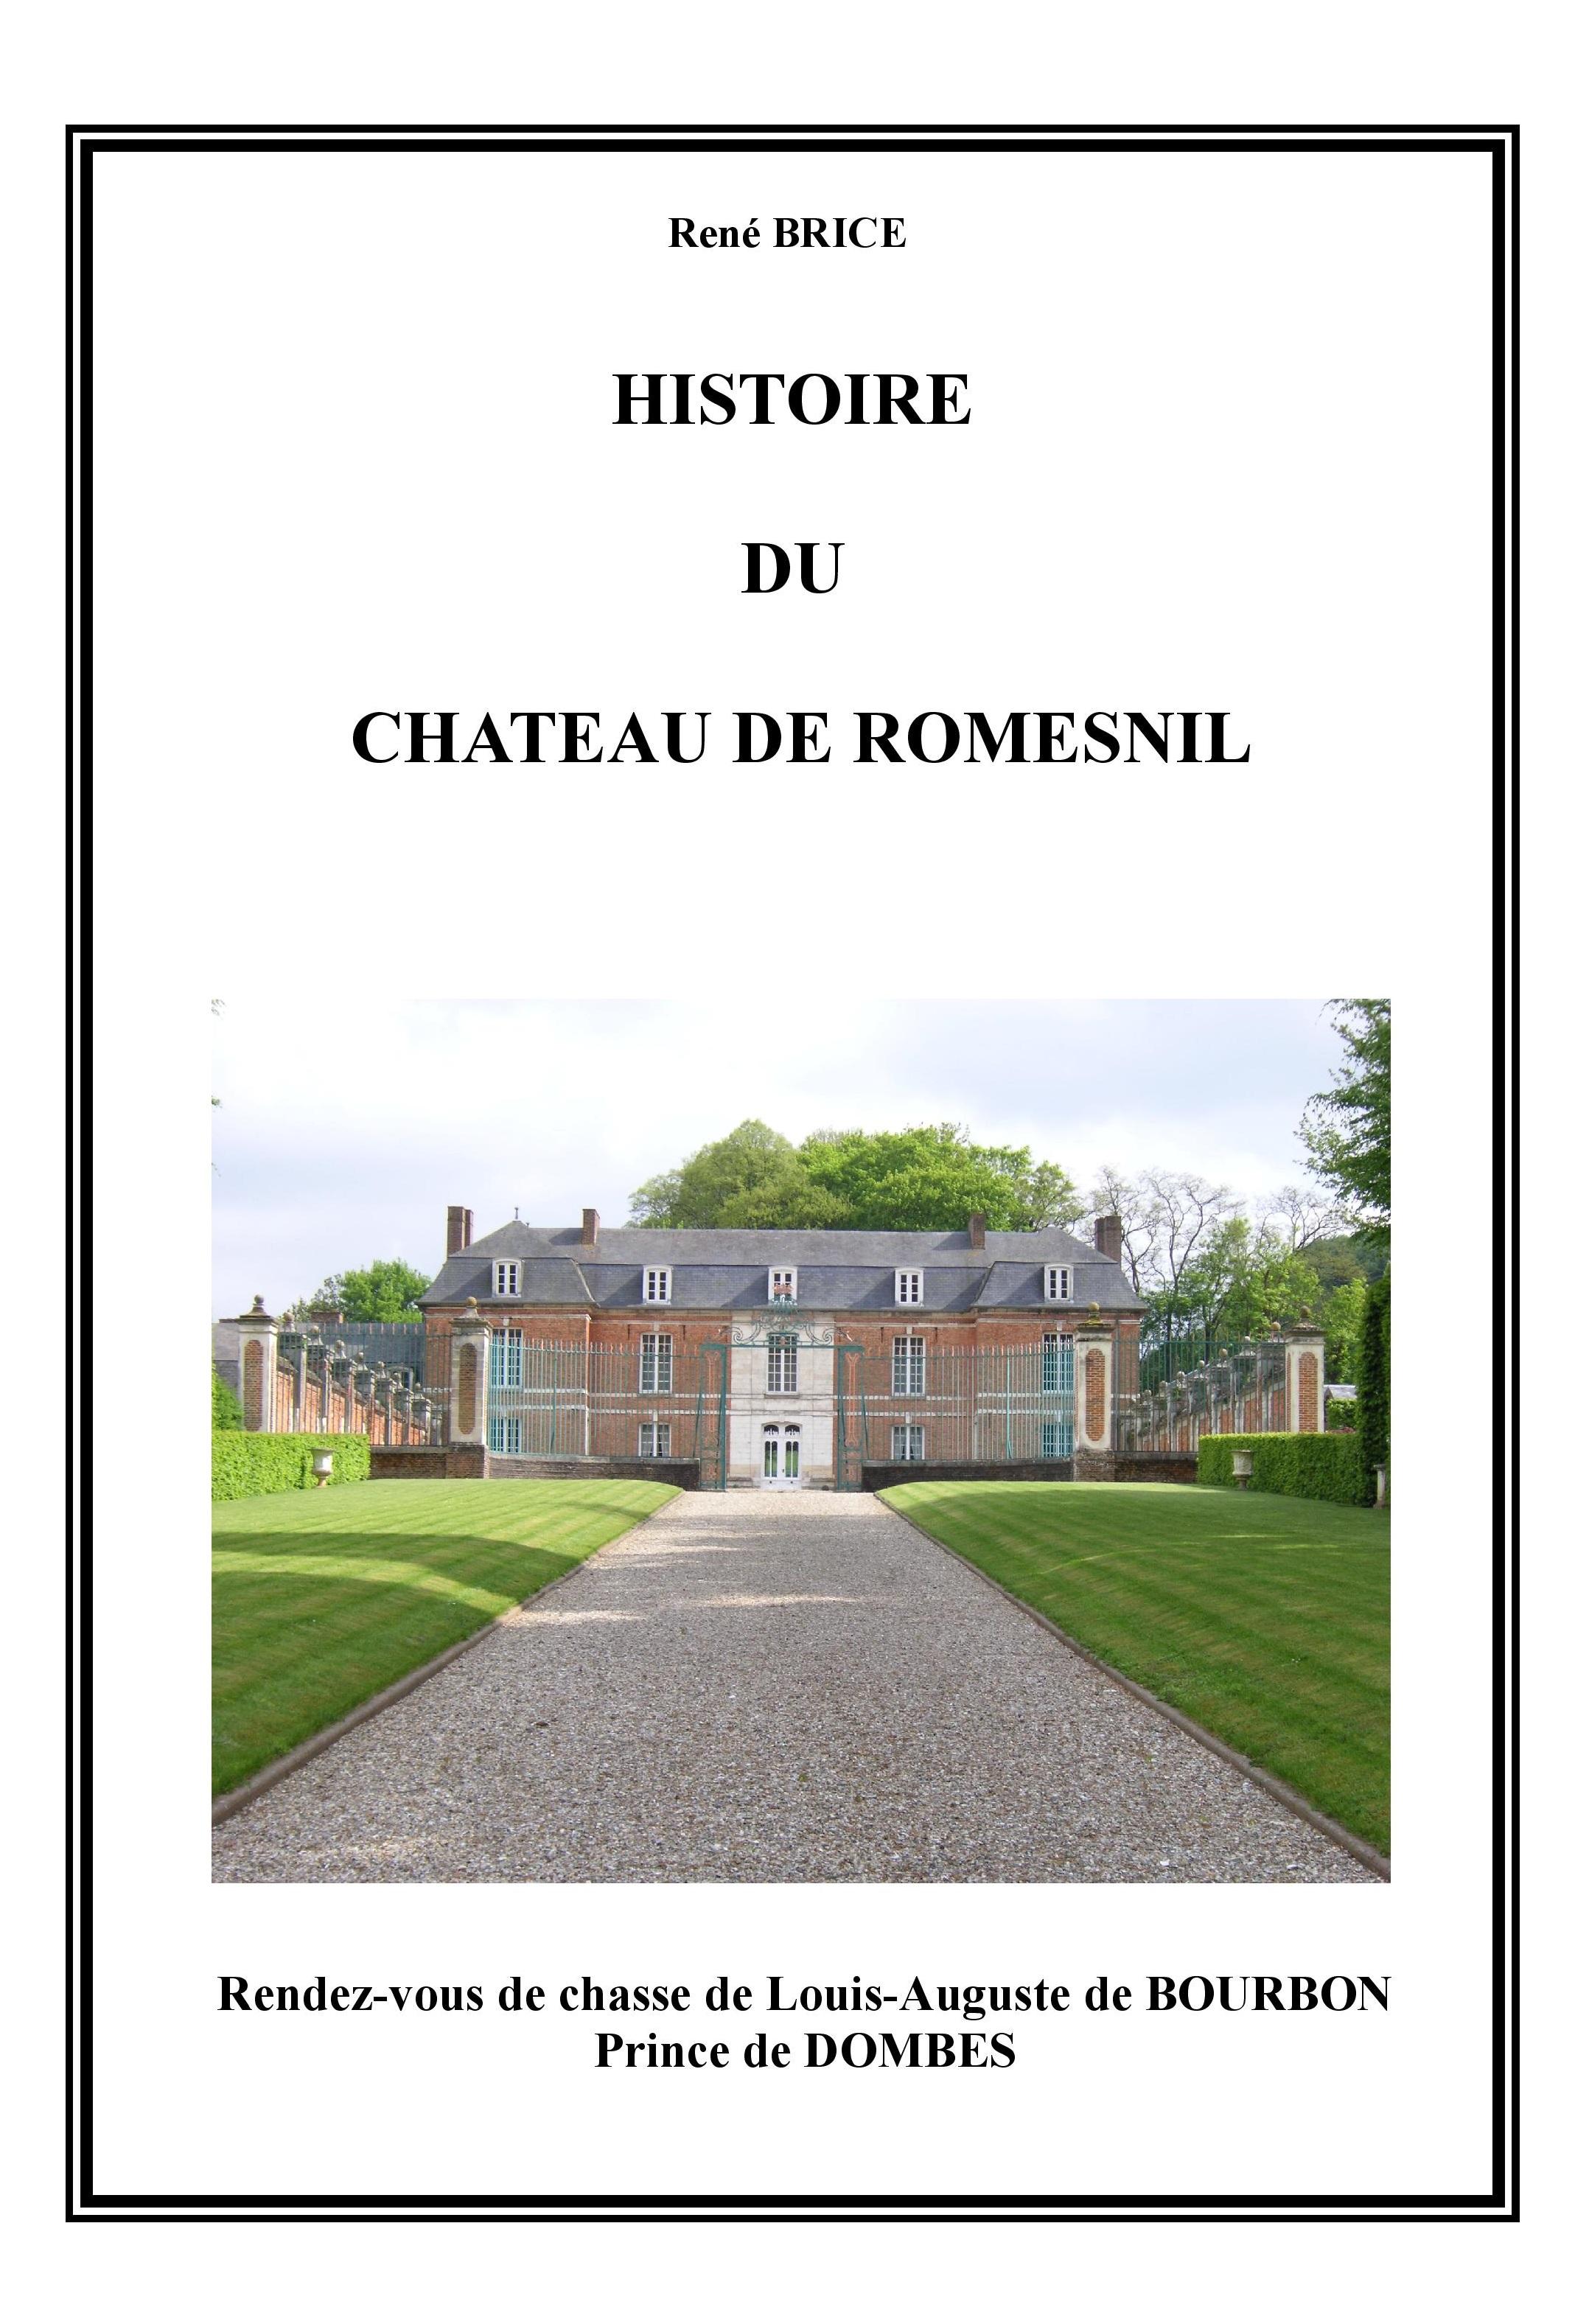 Le Château de Romesnil - 12.00€